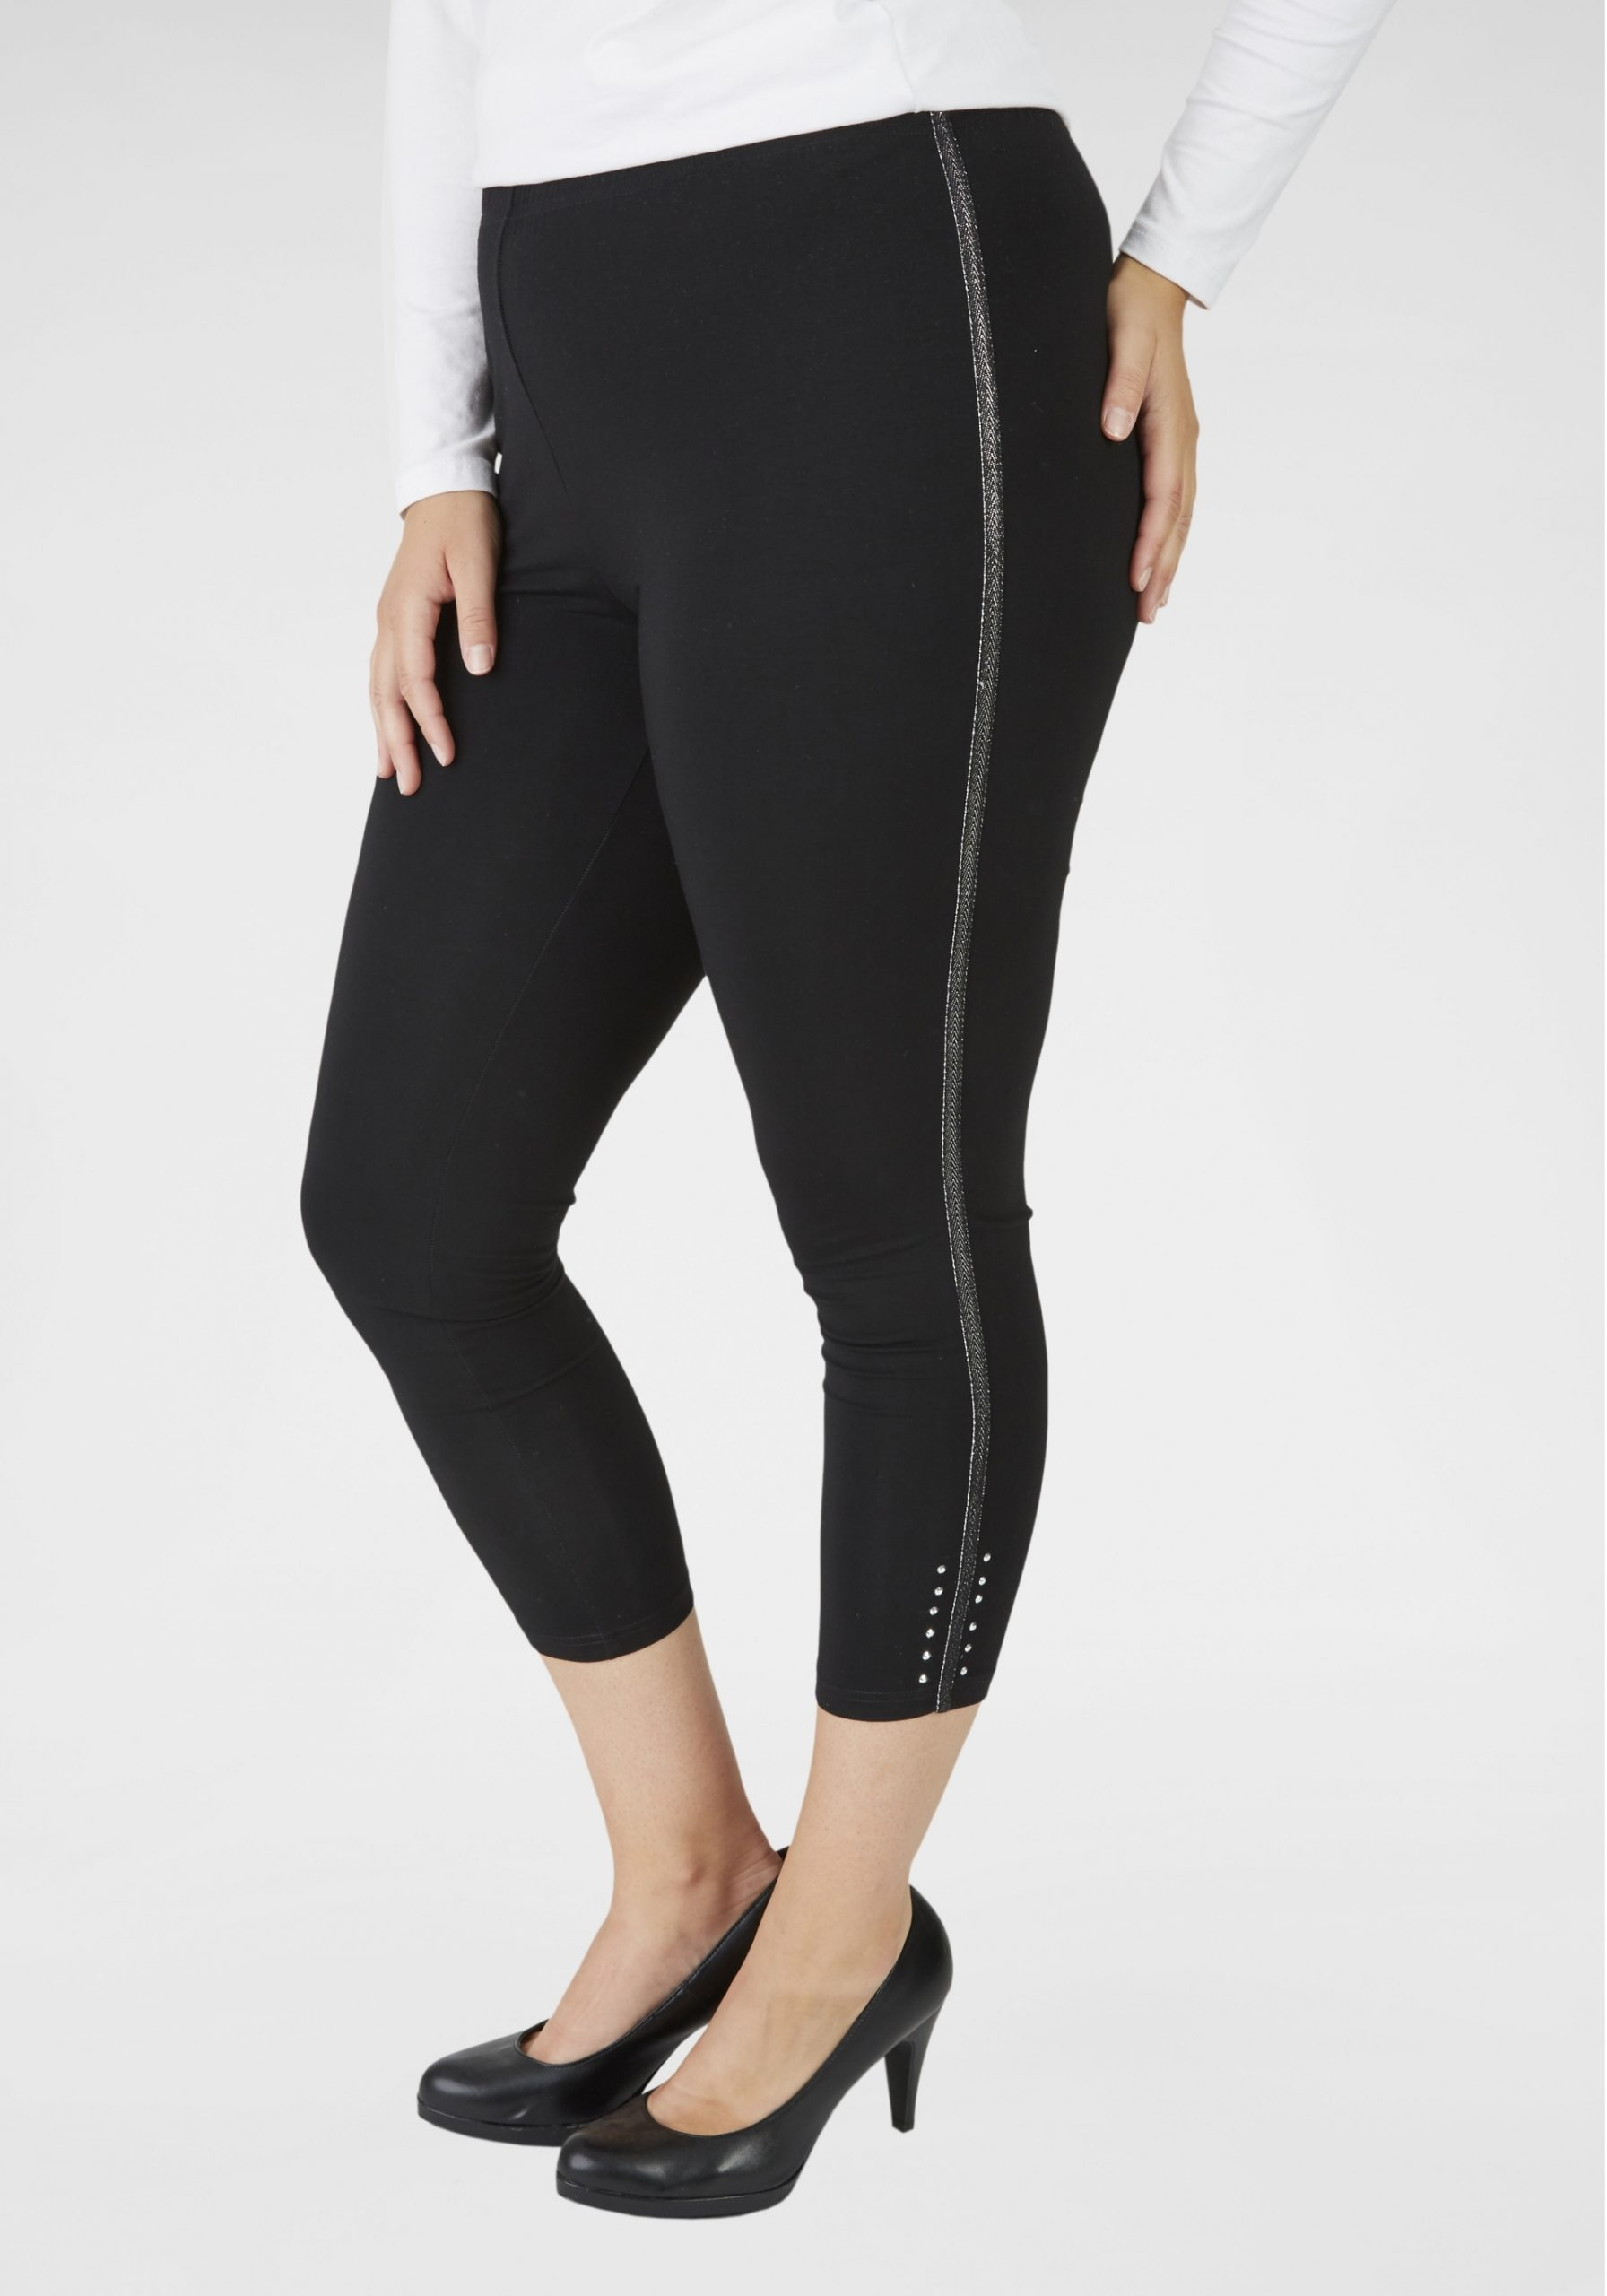 Damen Capri-Leggings mit Galonstreifen in großen Größen schwarz